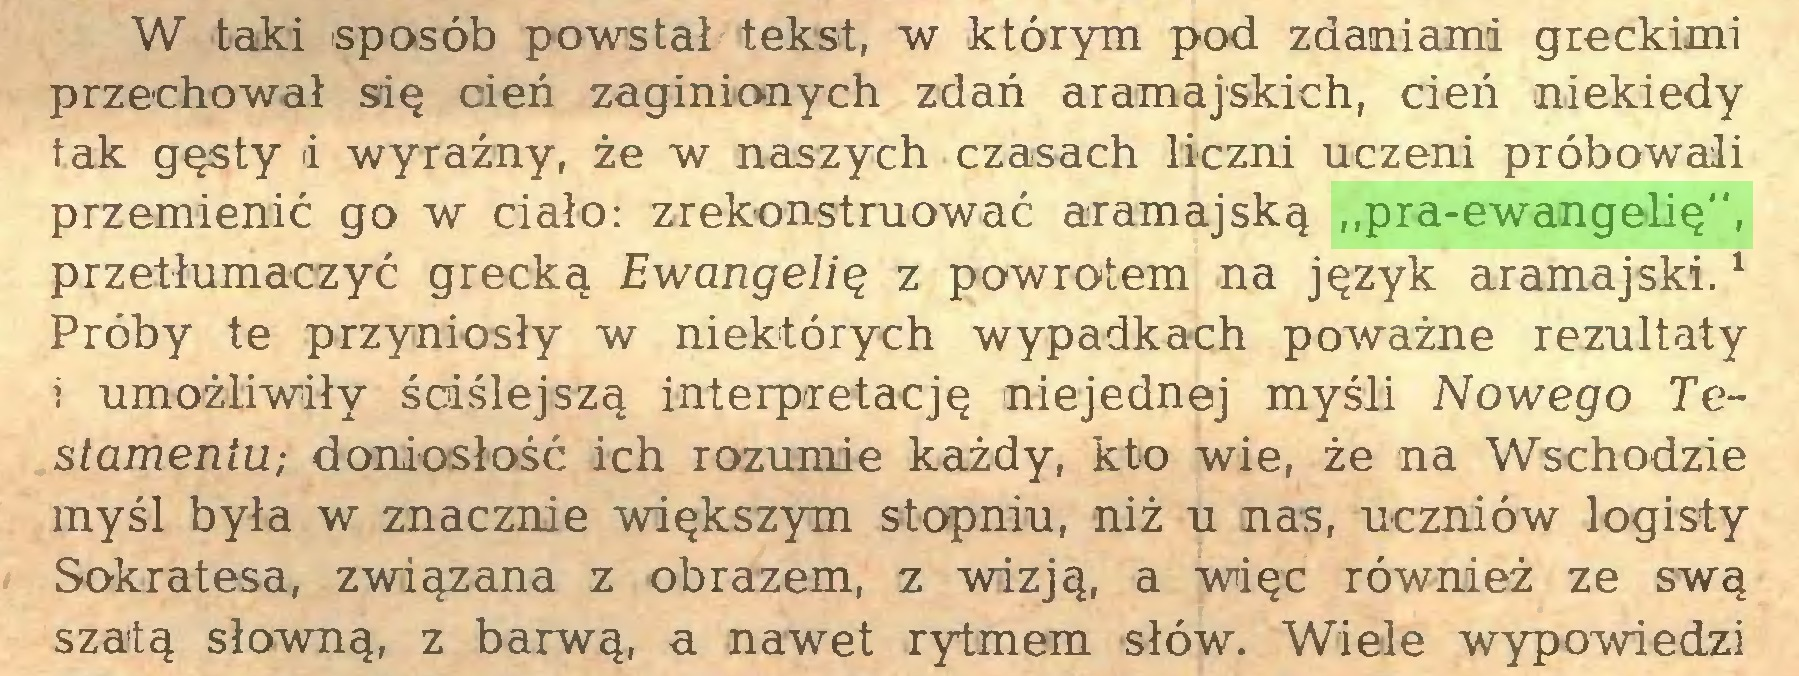 """(...) W taki sposób powstał tekst, w którym pod zdaniami greckimi przechował się cień zaginionych zdań aramajskich, cień niekiedy tak gęsty d wyraźny, że w naszych czasach liczni uczeni próbowali przemienić go w ciało: zrekonstruować aramajską """"pra-ewangelię"""", przetłumaczyć grecką Ewangelią z powrotem na język aramajski.1 Próby te przyniosły w niektórych wypadkach poważne rezultaty i umożliwiły ściślejszą interpretację niejednej myśli Nowego Testamentu; doniosłość ich rozumie każdy, kto wie, że na Wschodzie myśl była w znacznie większym stopniu, niż u nas, uczniów logisiy Sokratesa, związana z obrazem, z wizją, a więc również ze swą szatą słowną, z barwą, a nawet rytmem słów. Wiele wypowiedzi..."""